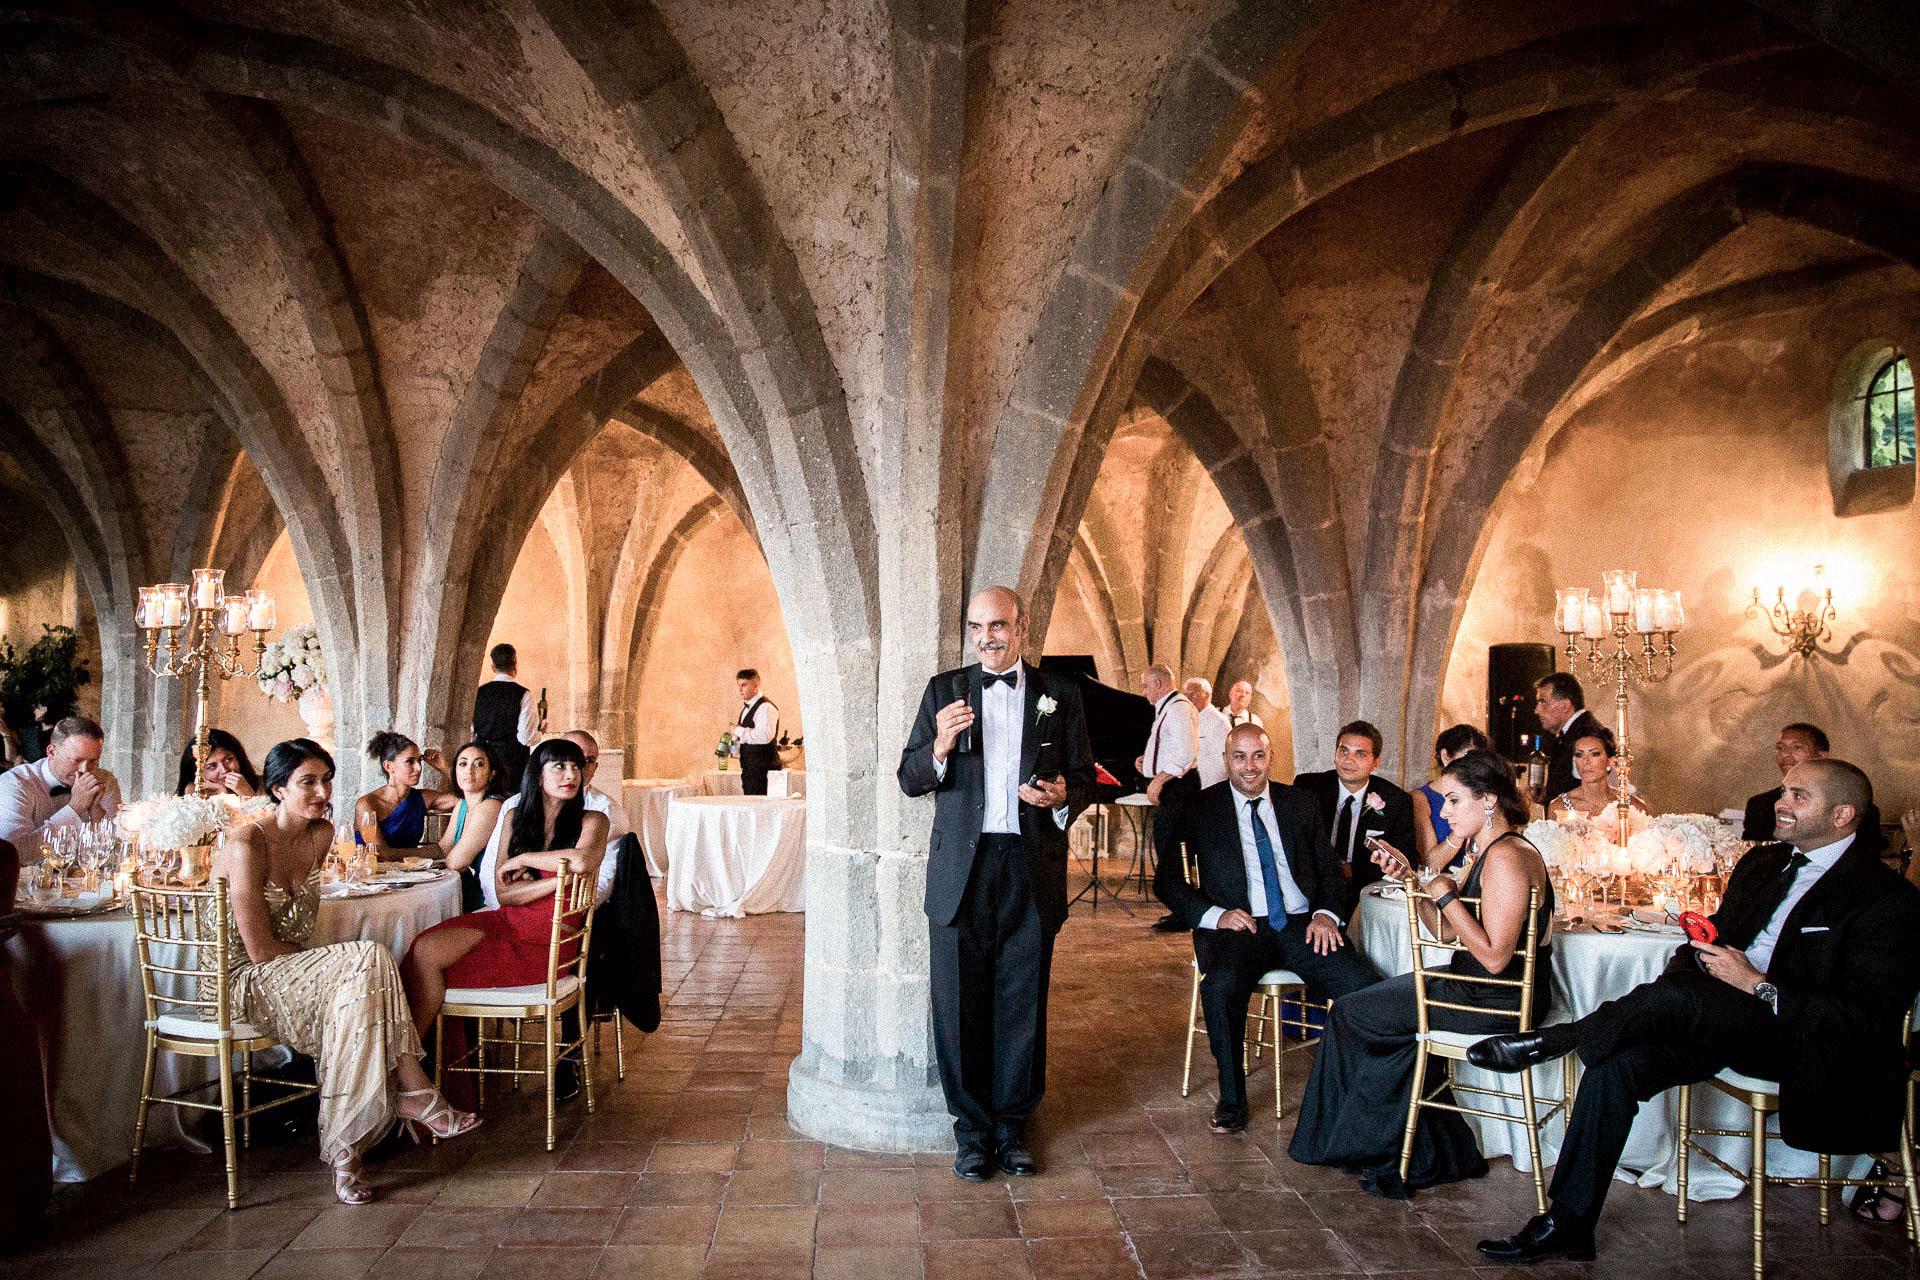 luxury wedding locations italy capri